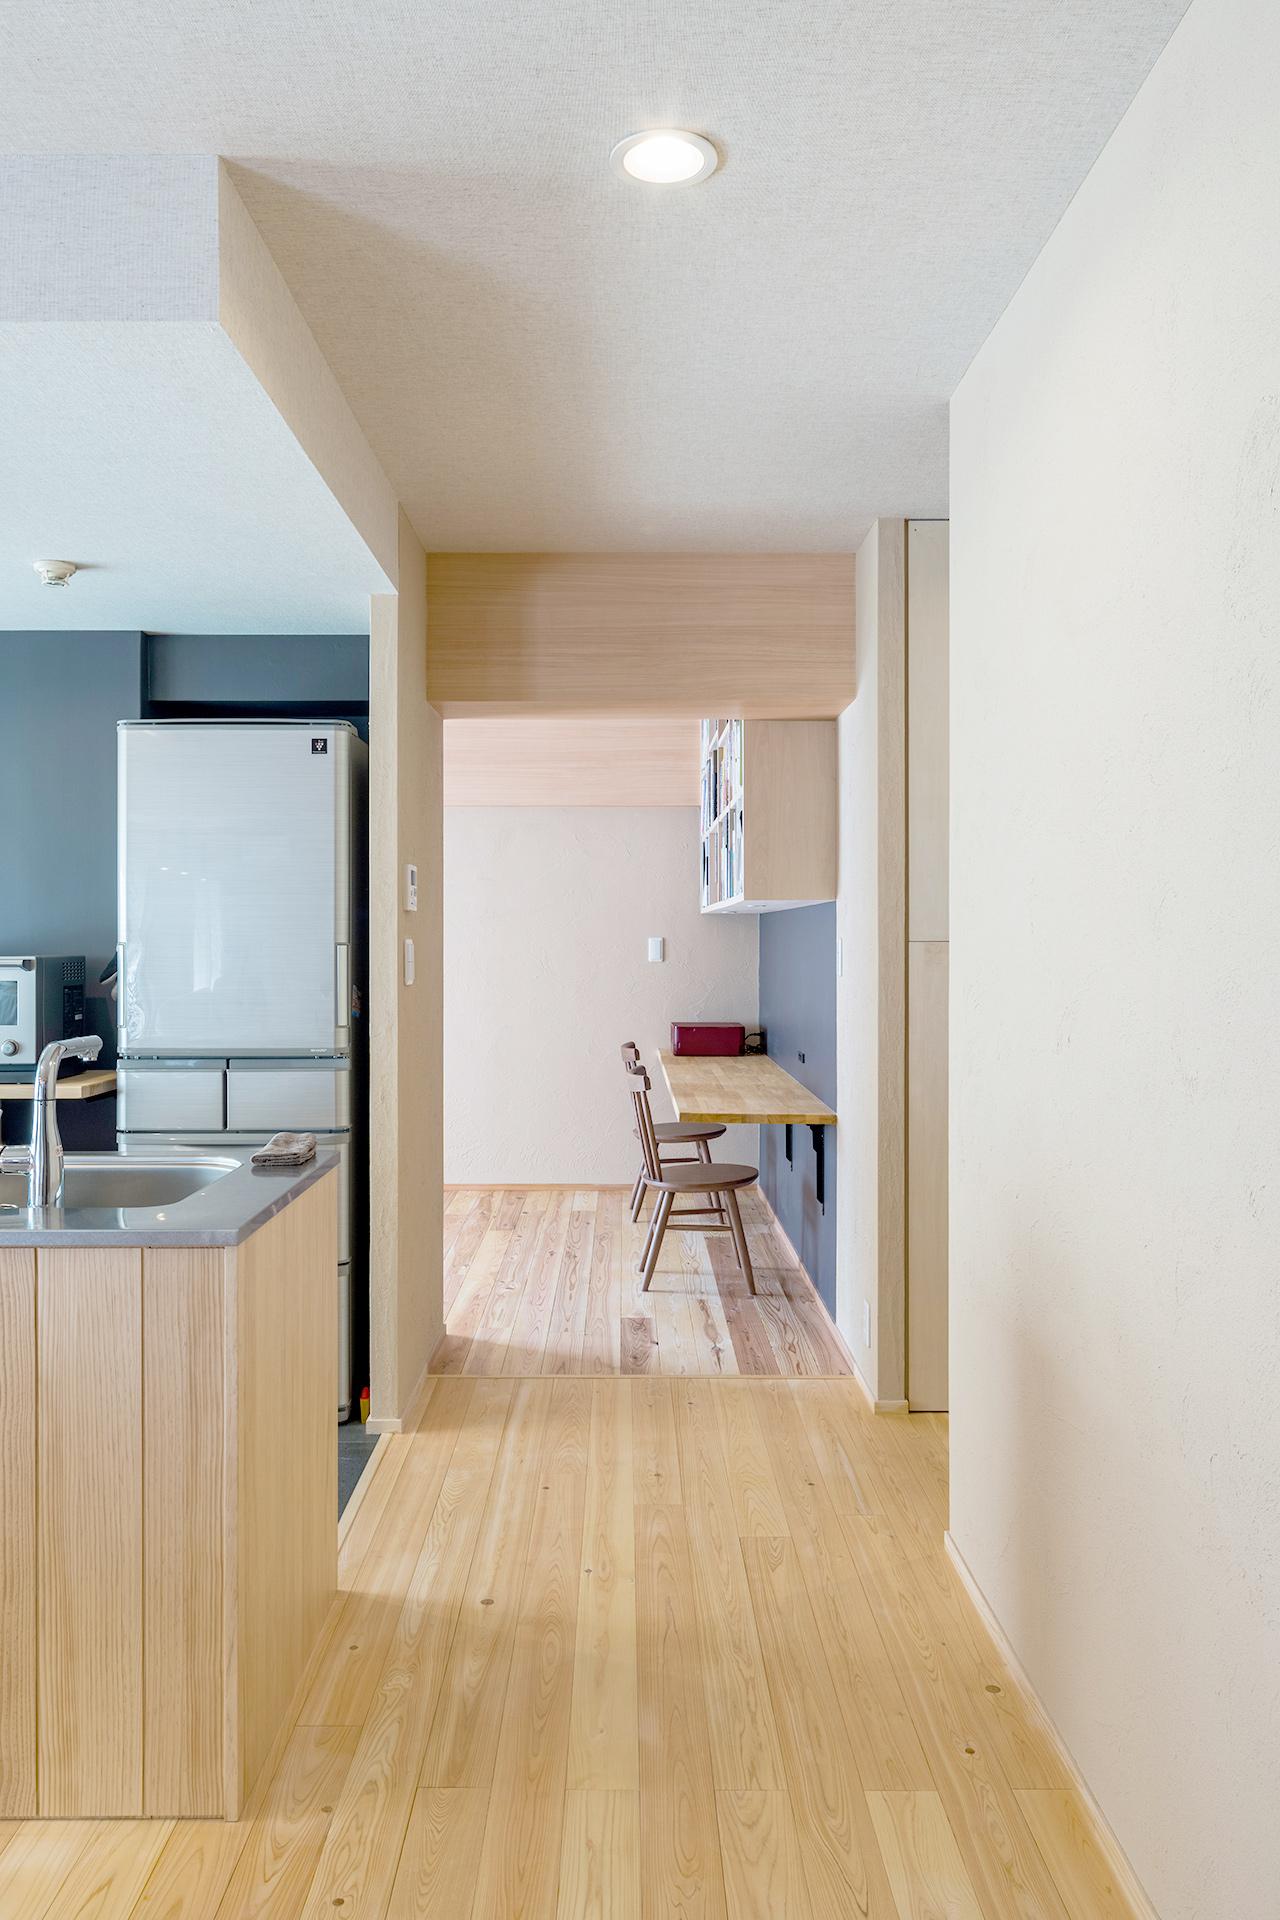 アイランドキッチンがつくるカフェスタイルの楽しい暮らし | こだわりの自然素材・天然素材の注文住宅・リノベーション(フルリフォーム)の駿河屋